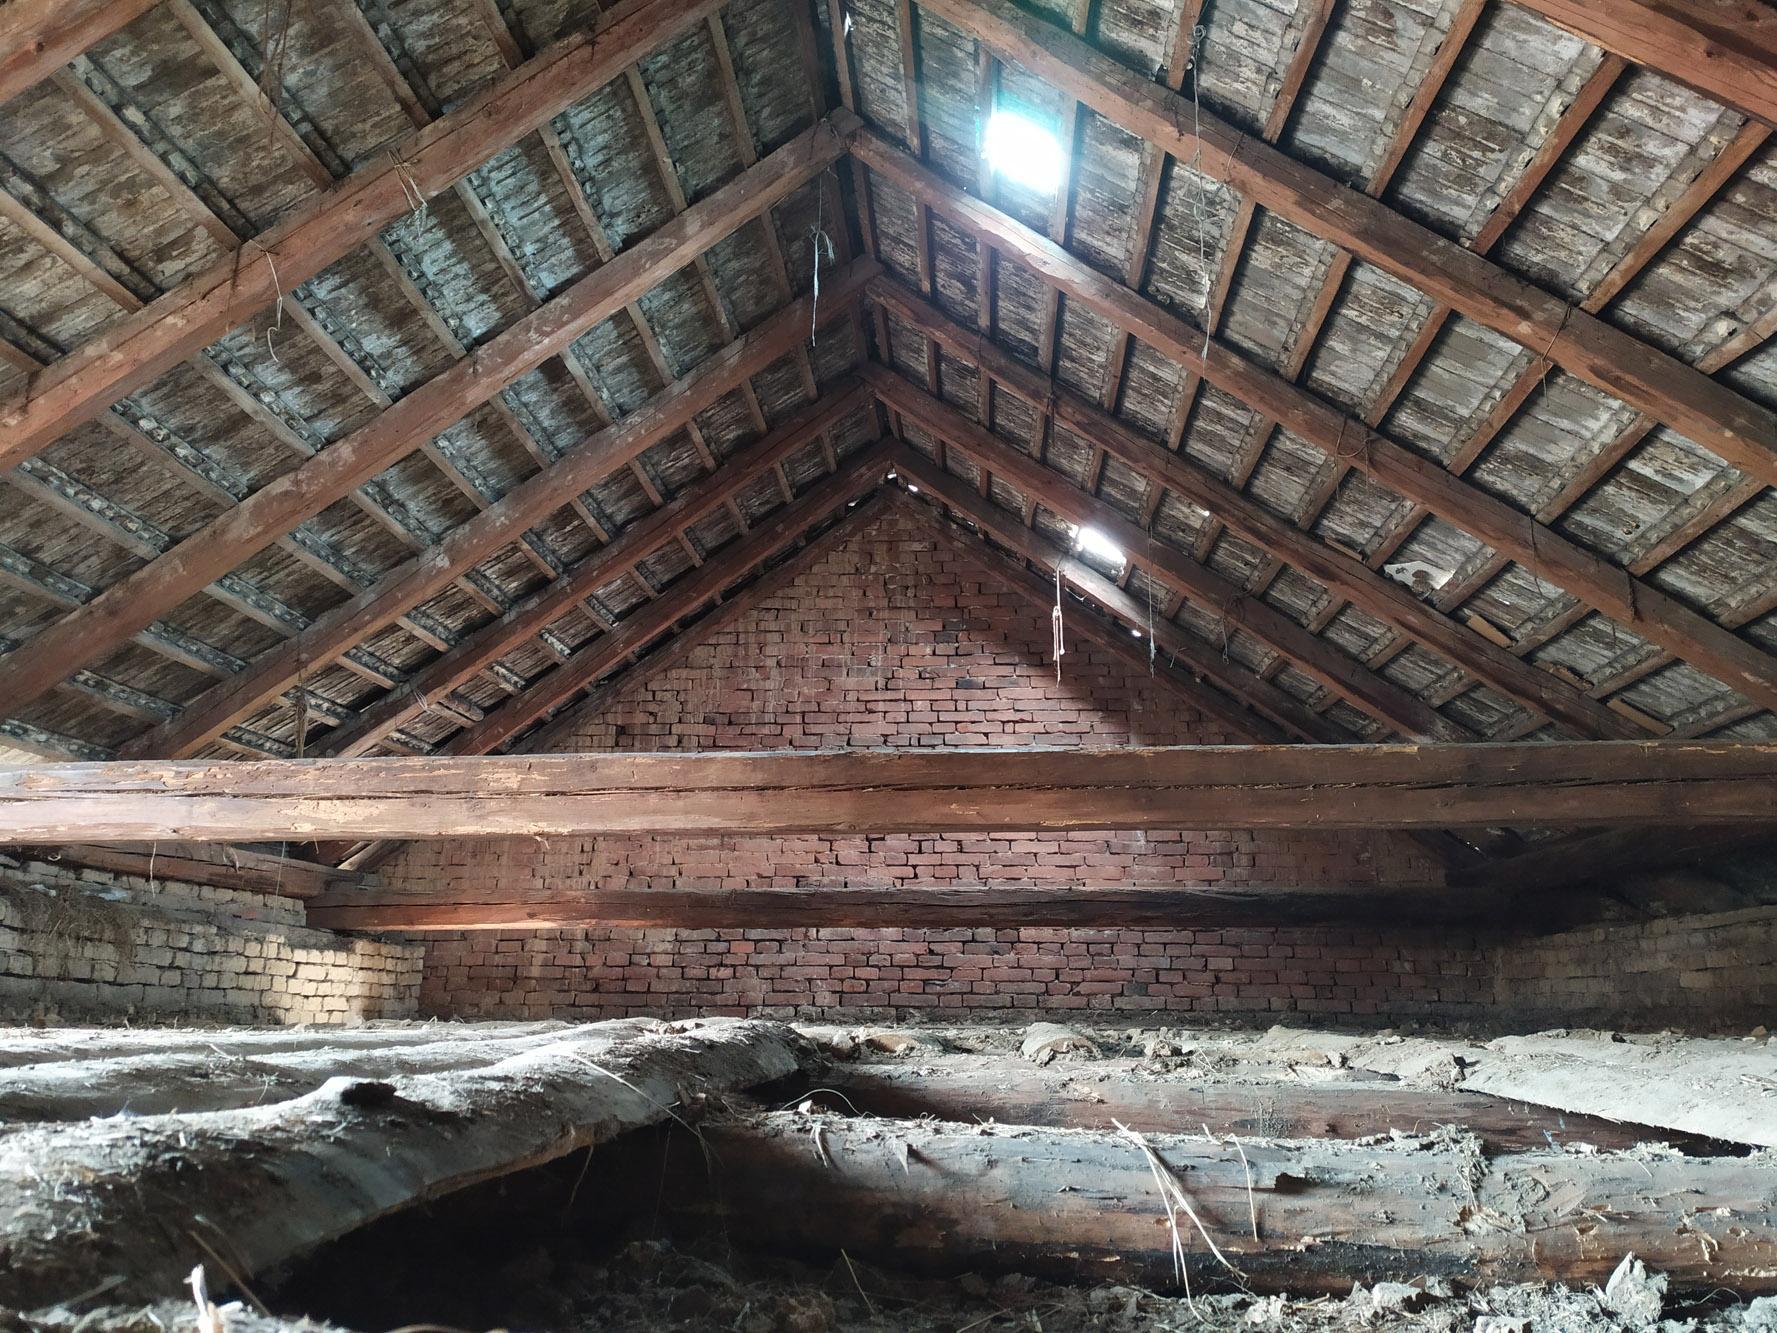 Bourání staré a stavba nové řadovky - Půda již bez sena. Původně byla úplně plná. Nejhorší část demolice.